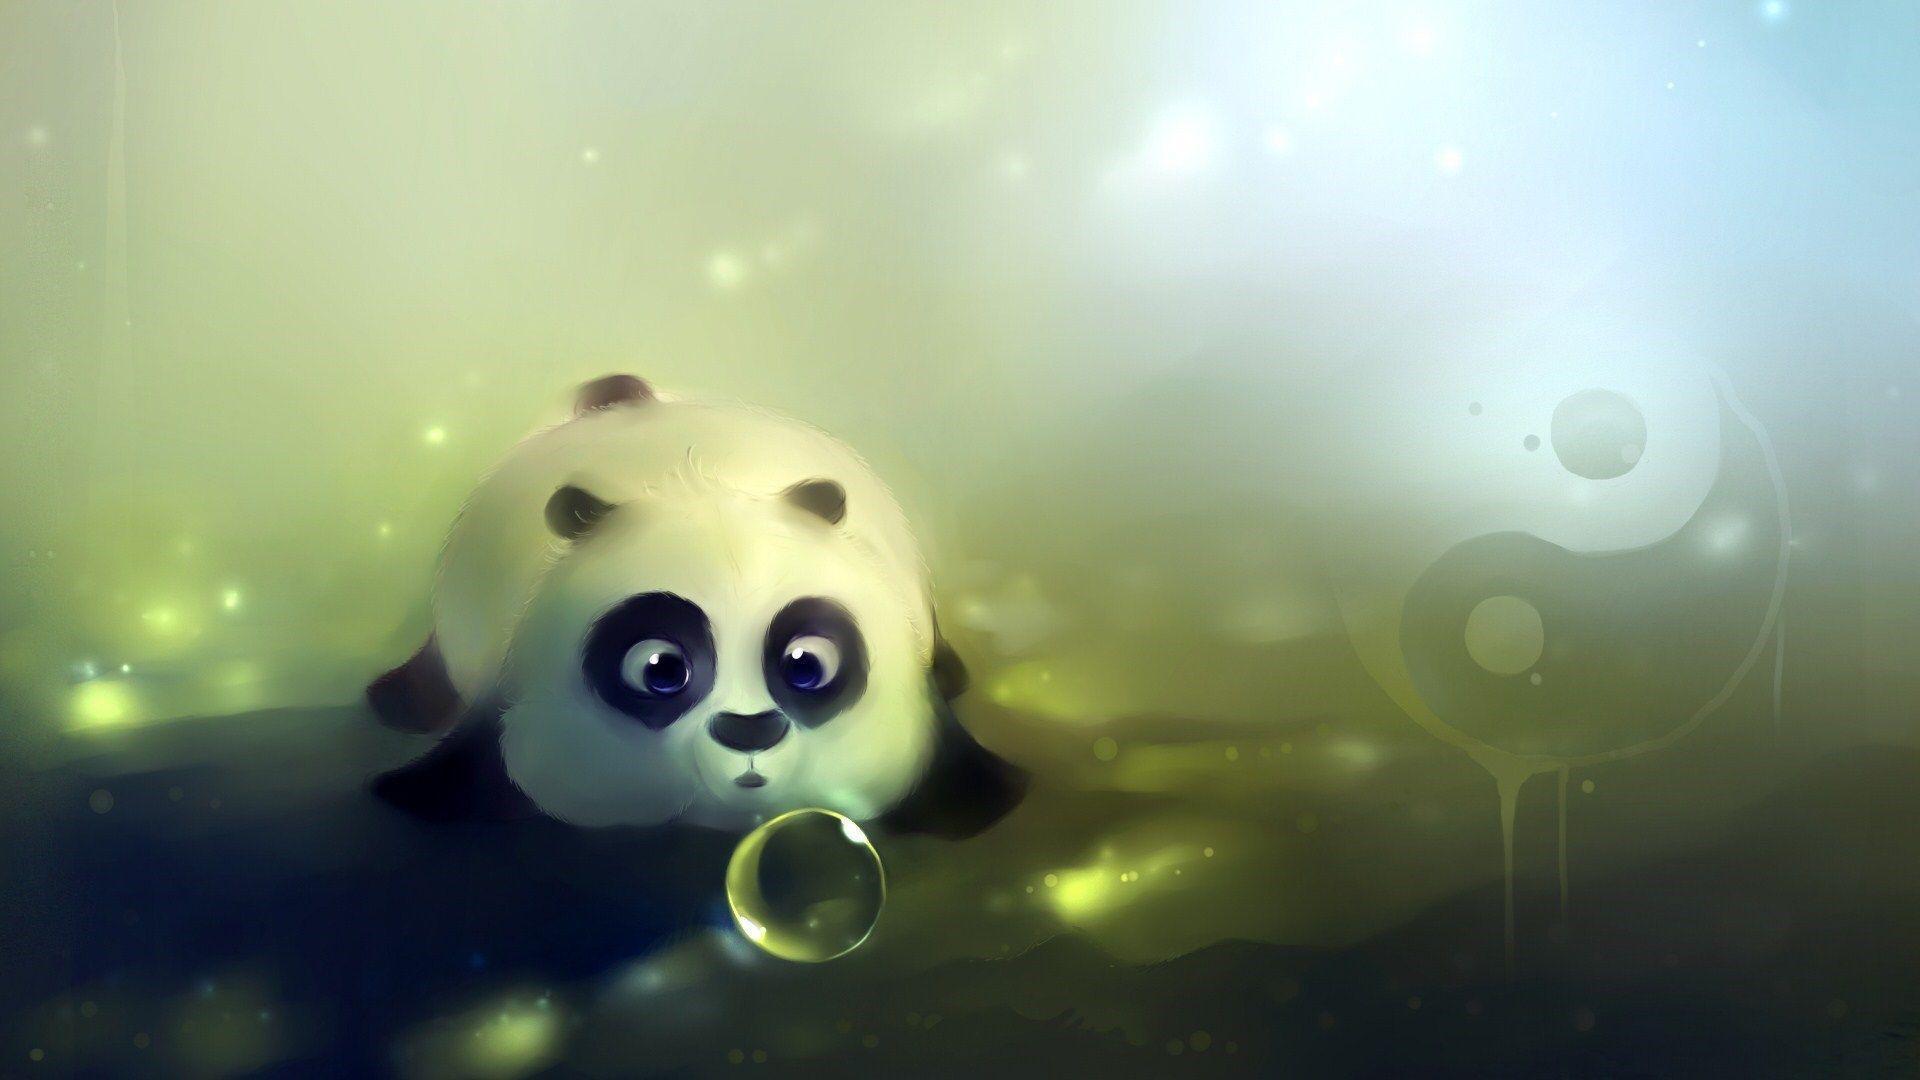 Cute Panda Bear Artwork HD Wallpaper - ZoomWalls